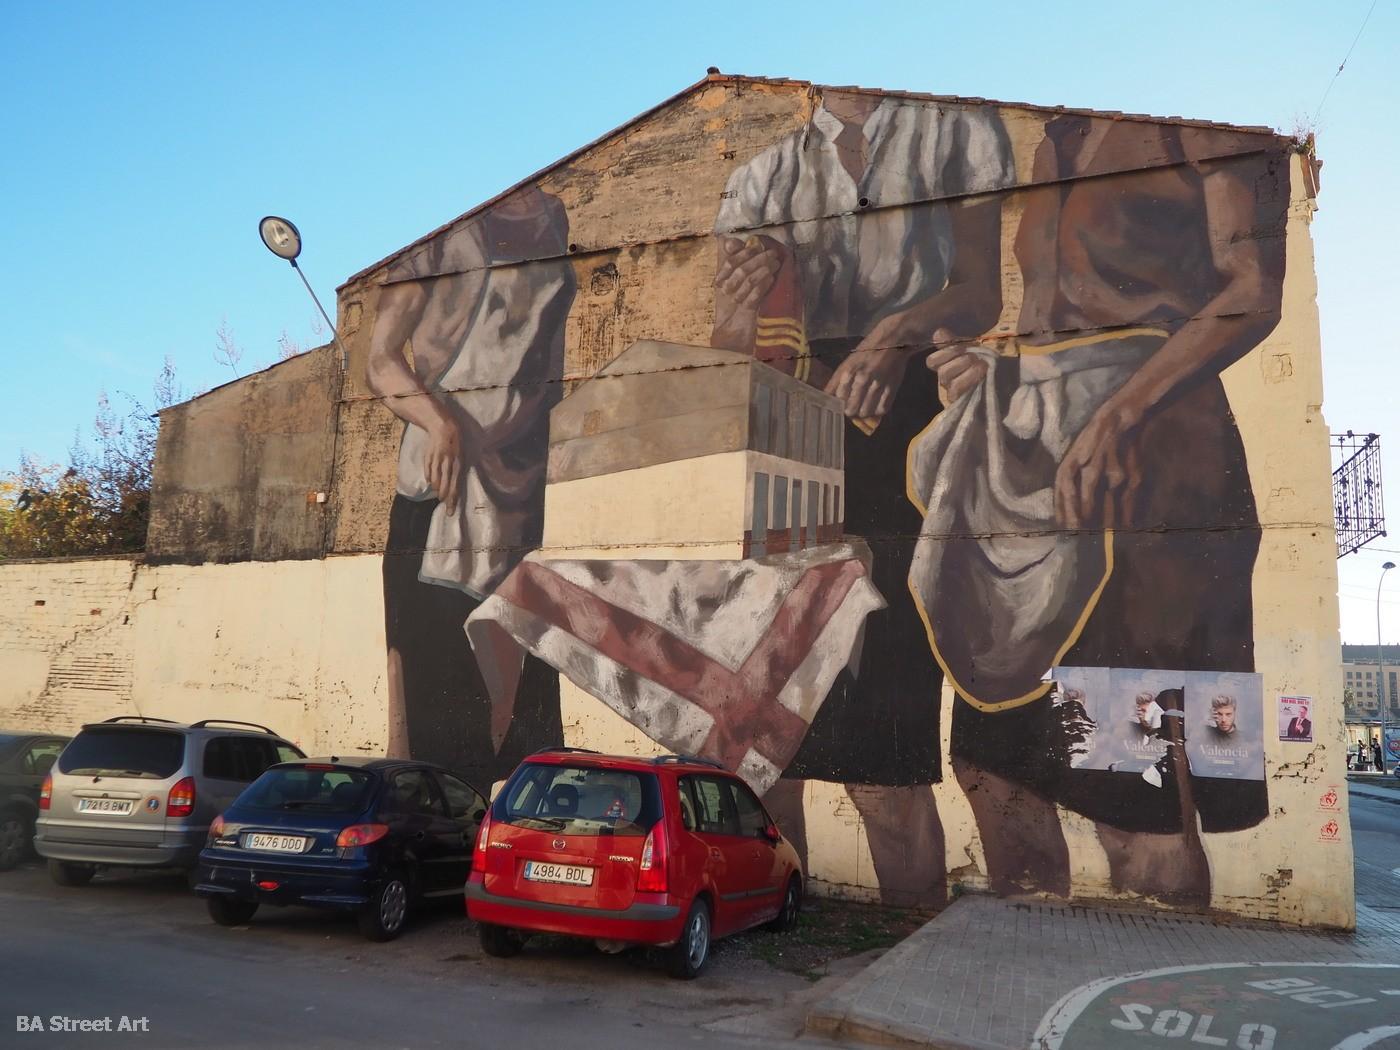 hyuro street artist valencia mural street art graffiti murales arte urbano el cabanyal españa spain grafiti tour buenosairesstreetart.com